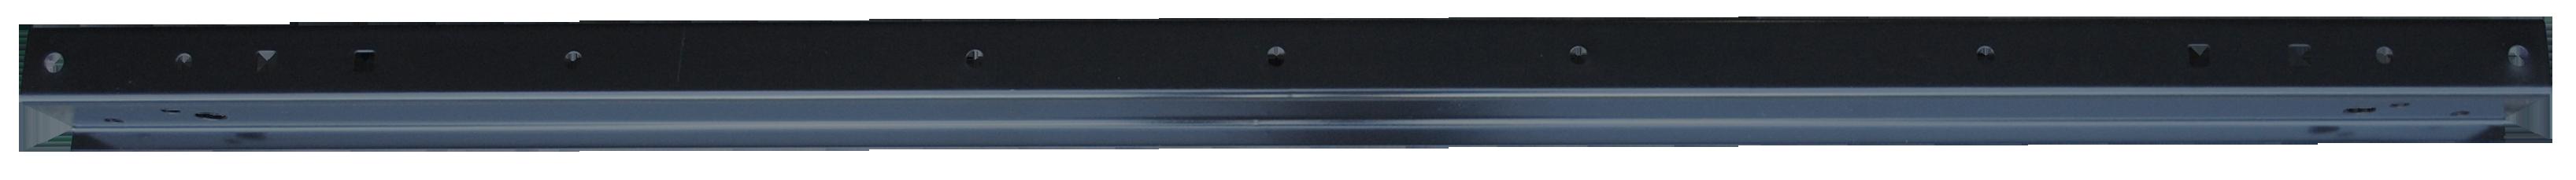 1960-62 C10 bed cross sill stepside w/bracket w/holes